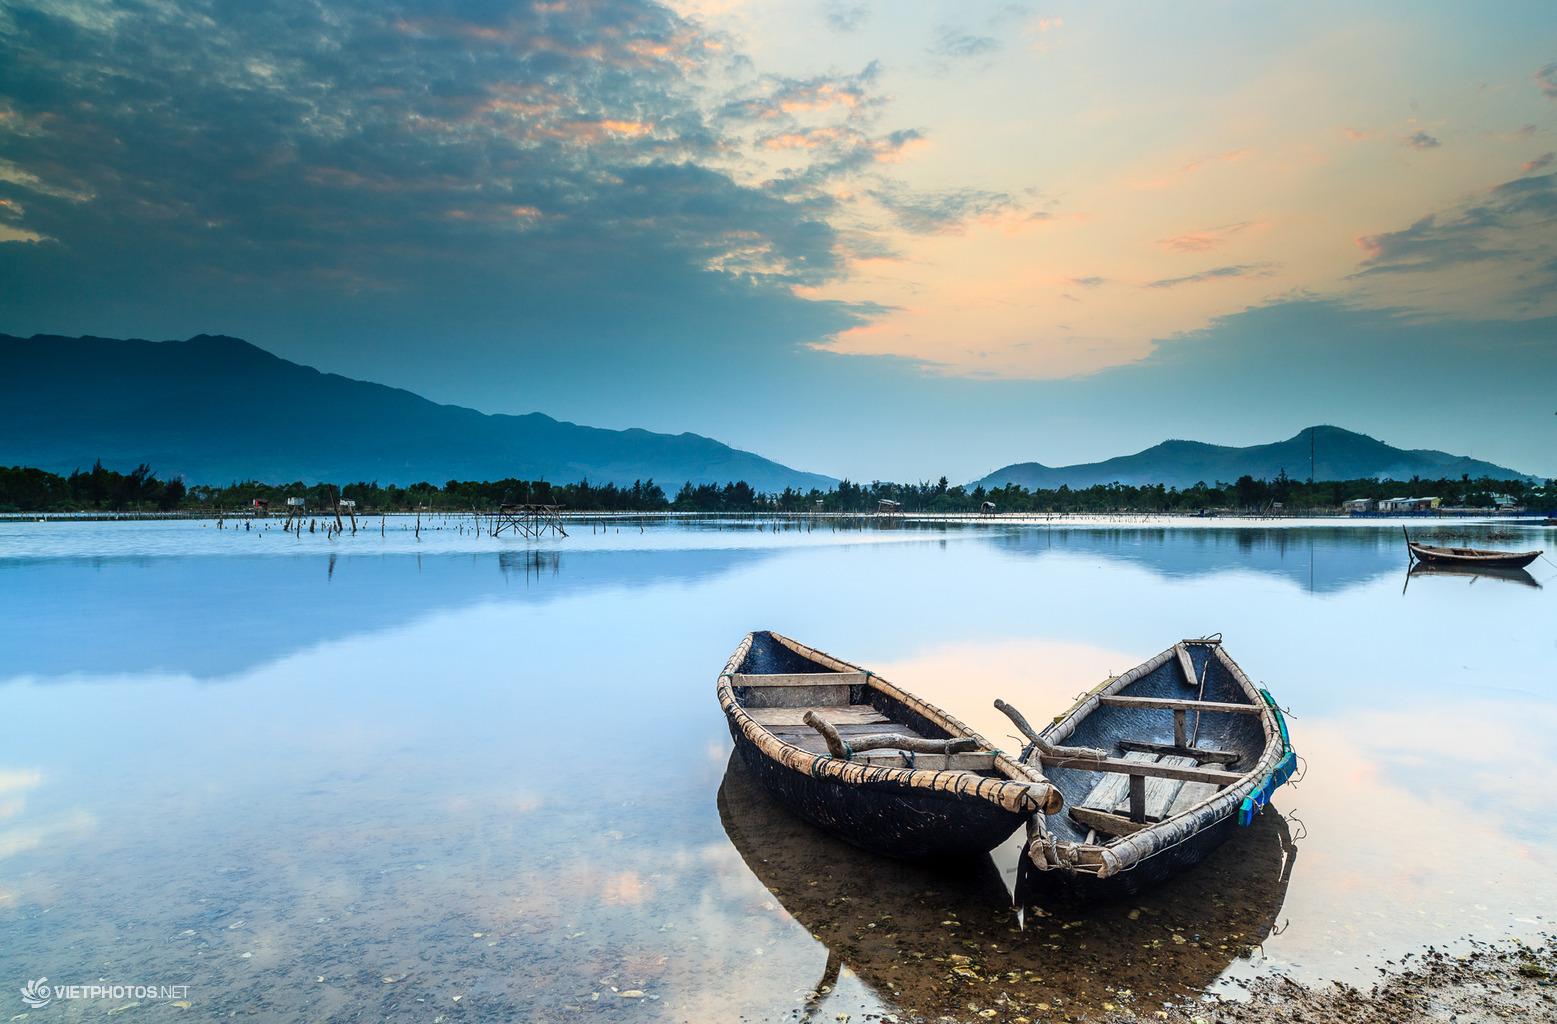 Những điểm dừng chân tuyệt đẹp không thể bỏ qua khi du lịch Huế